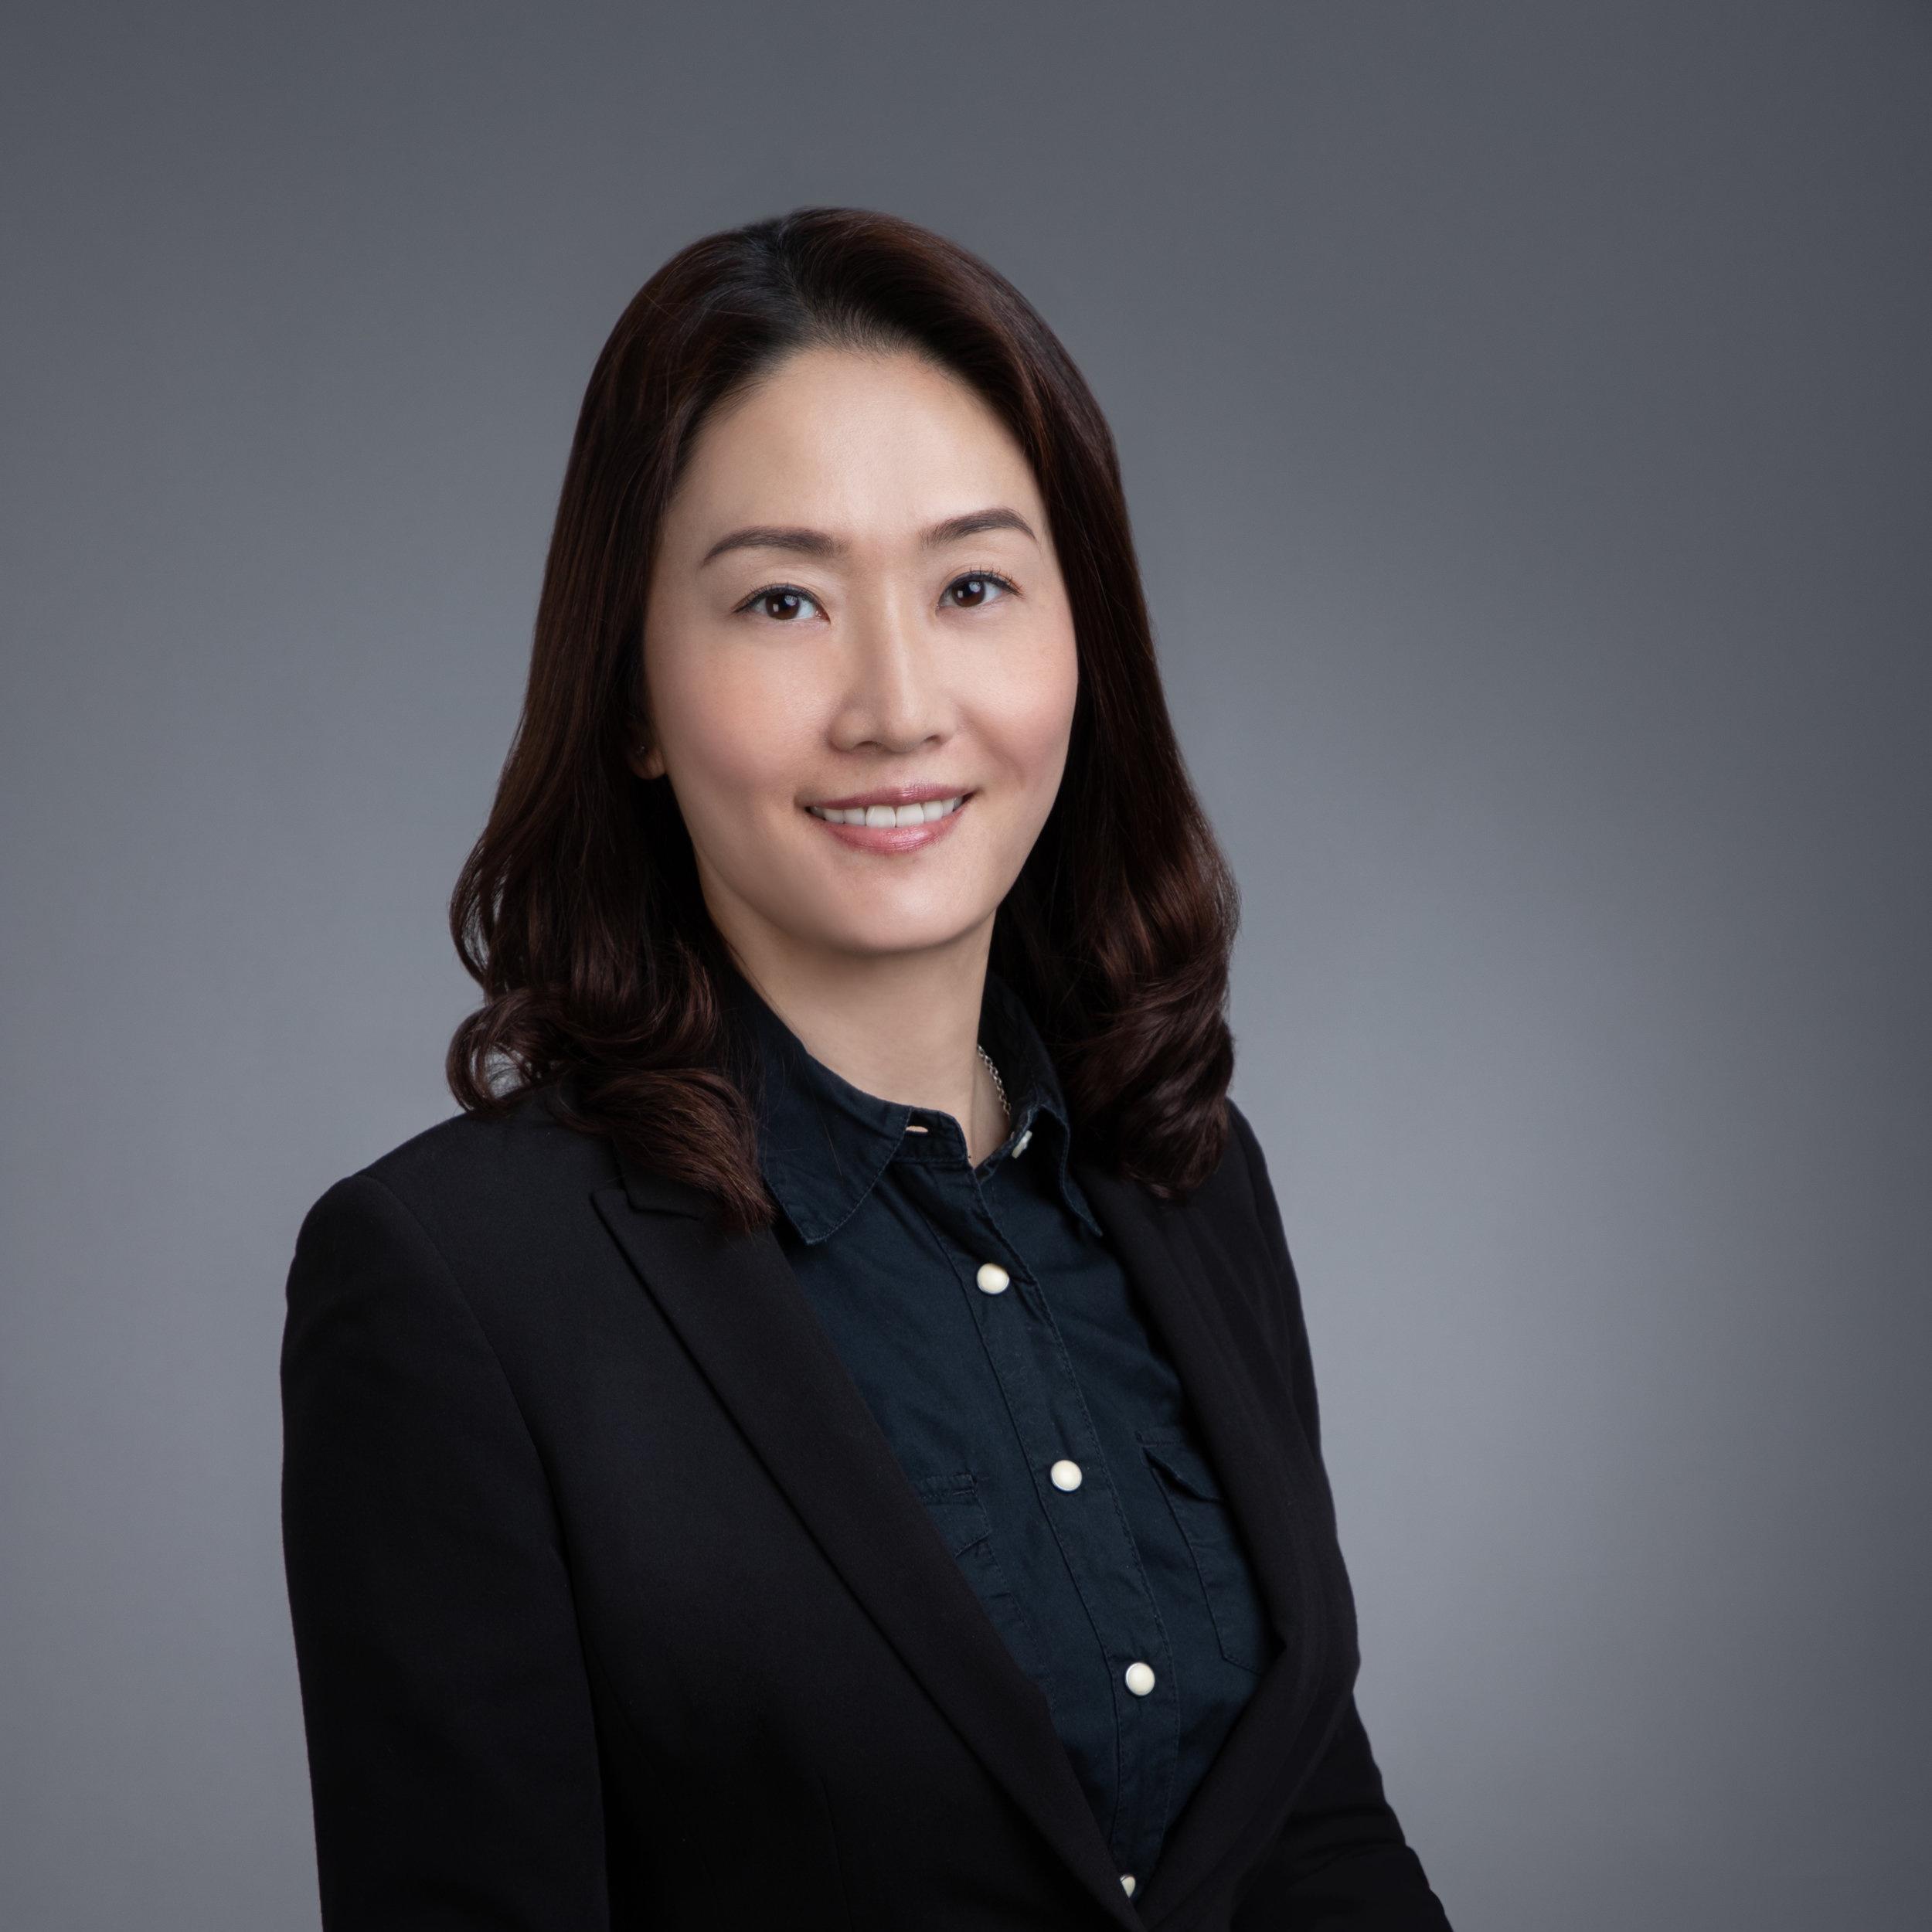 Jessica+profile+photo.jpg